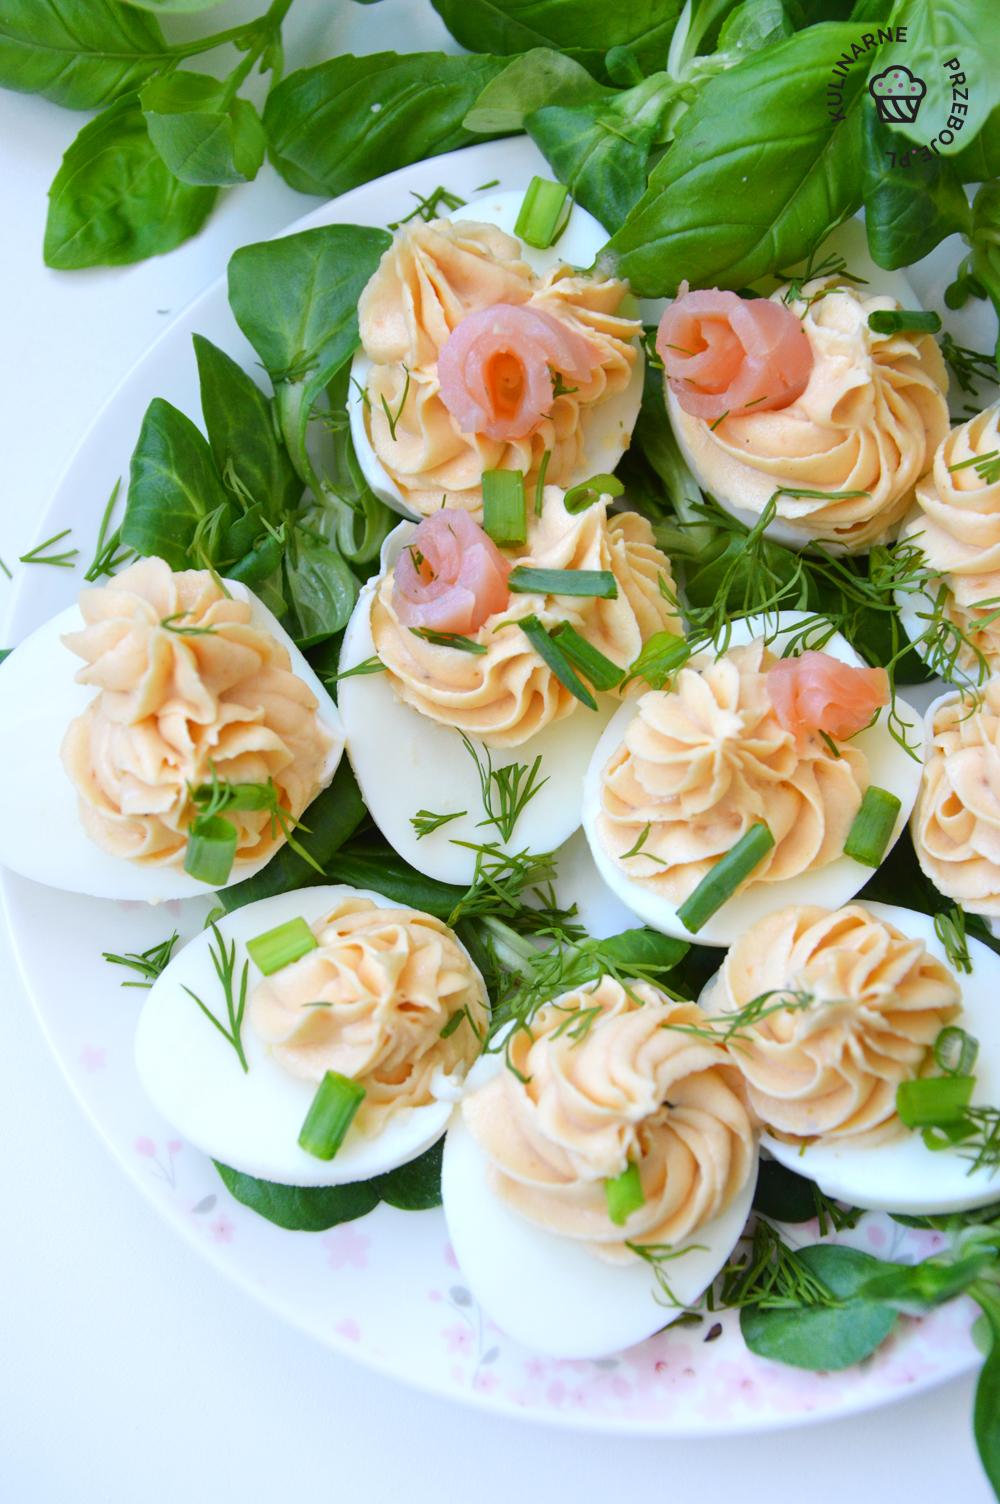 jajka faszerowane łososiem i szczypiorkiem